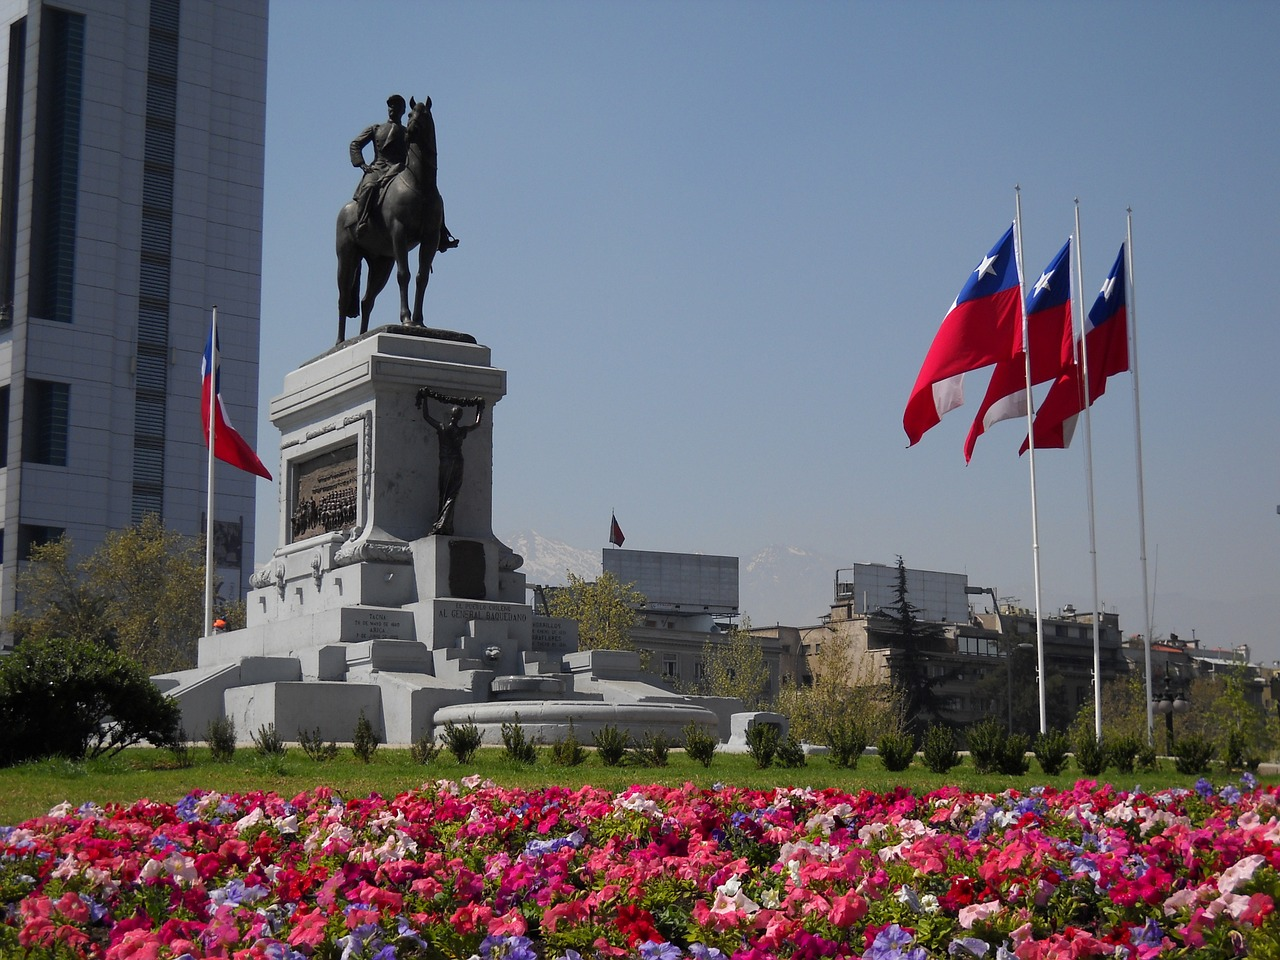 ciudad de chile a estados unidos/ESTA visa